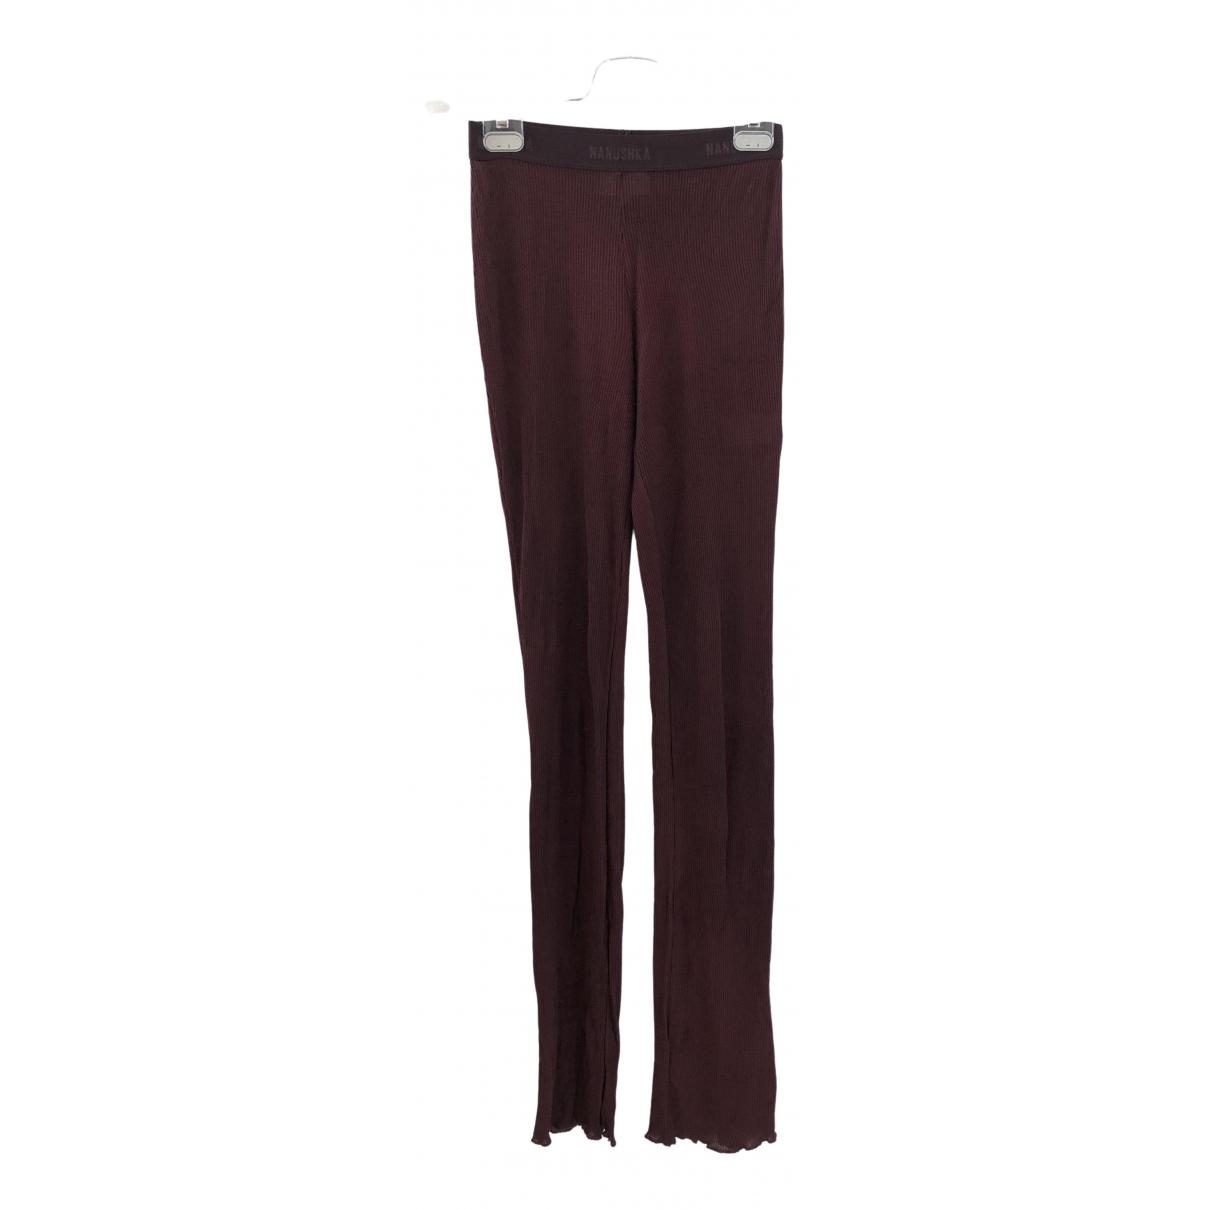 Nanushka \N Burgundy Trousers for Women XS International